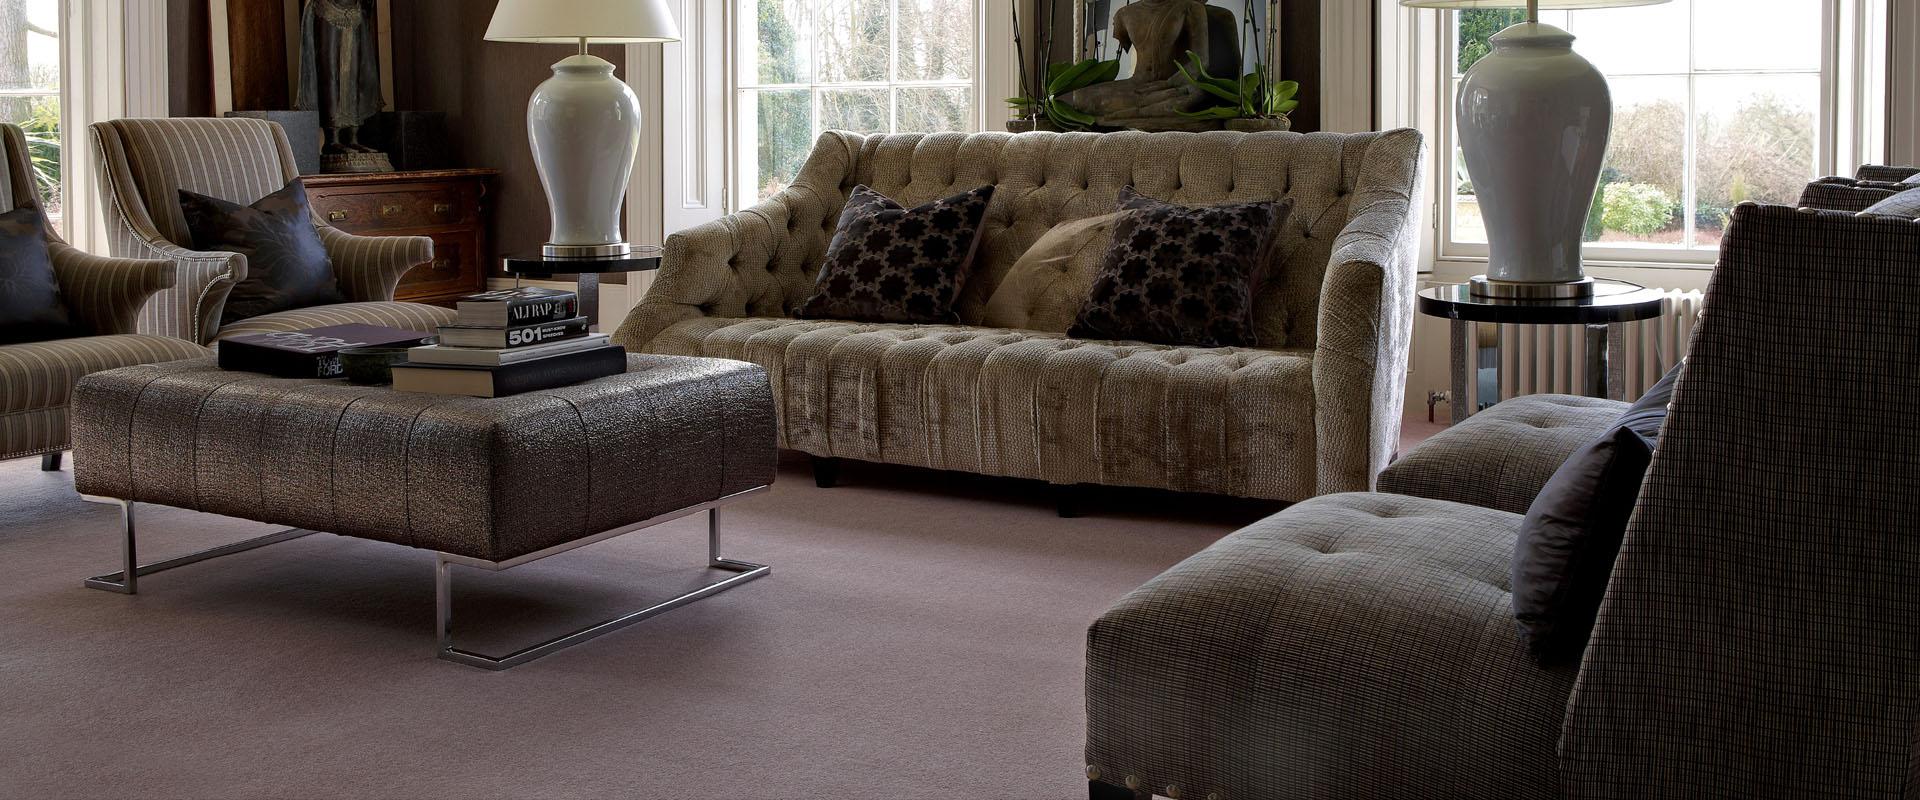 Why choose Karpet Mills